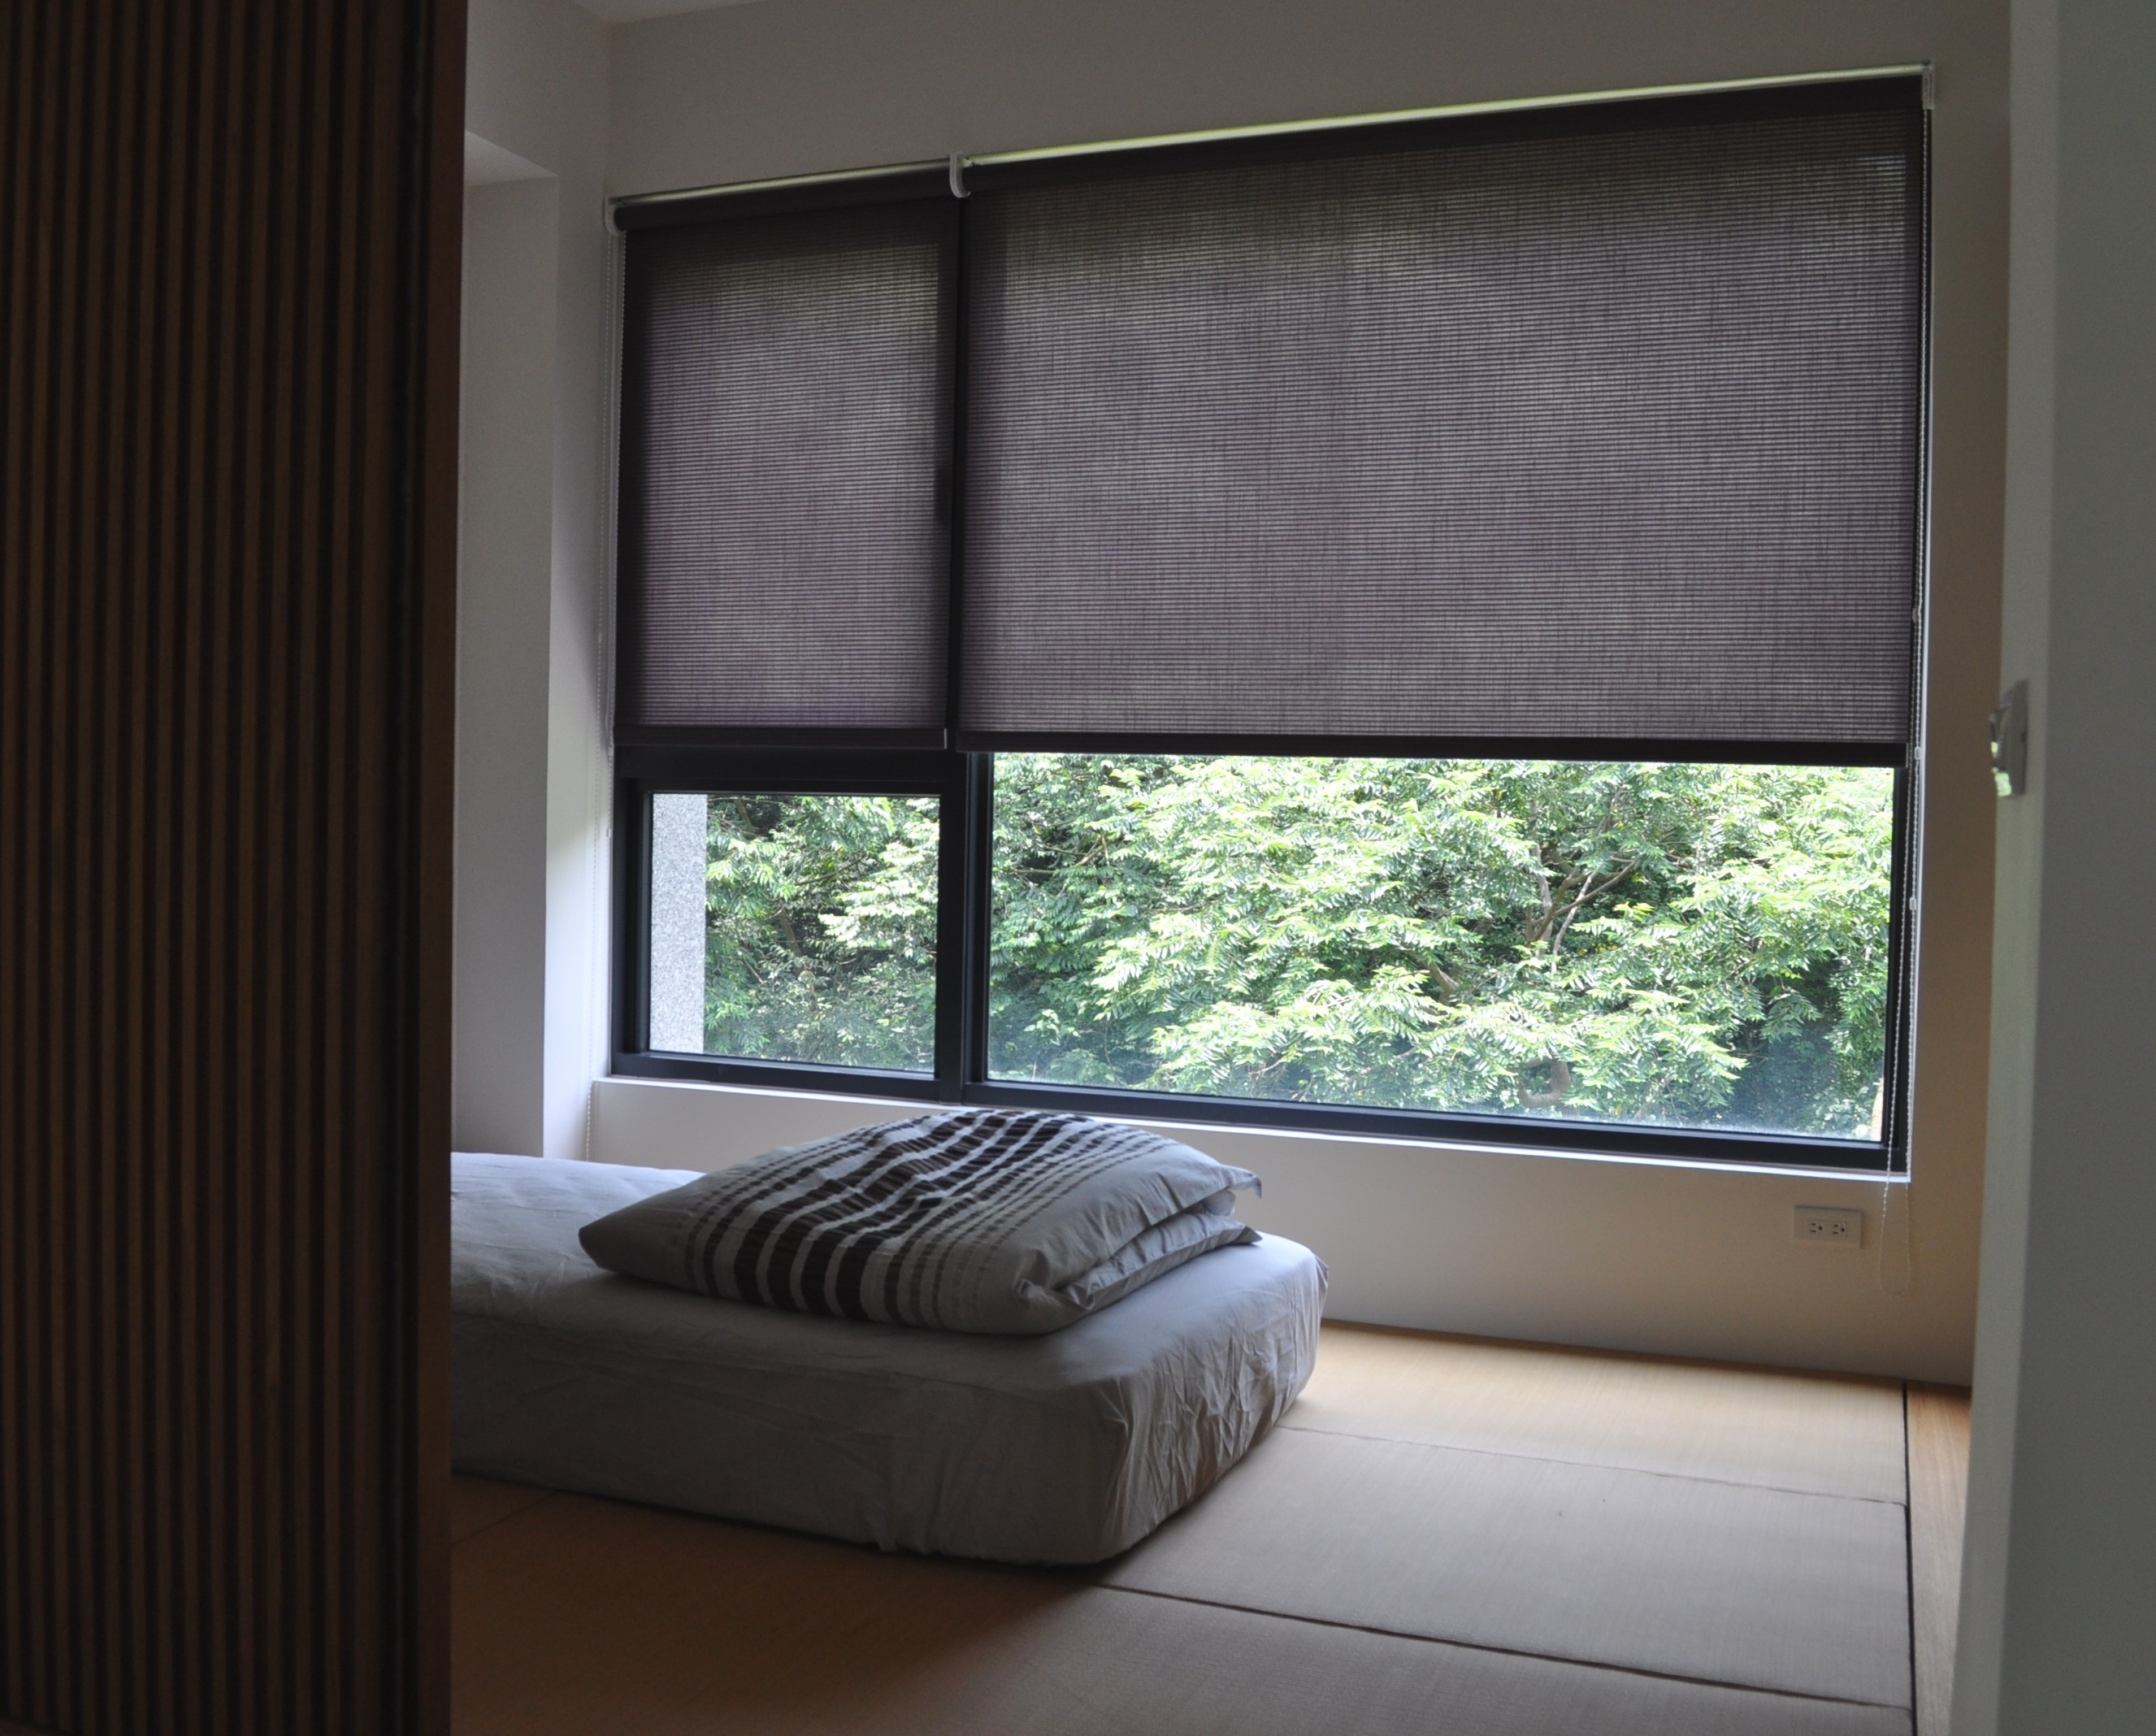 景致室内装修设计 - 窗帘介绍